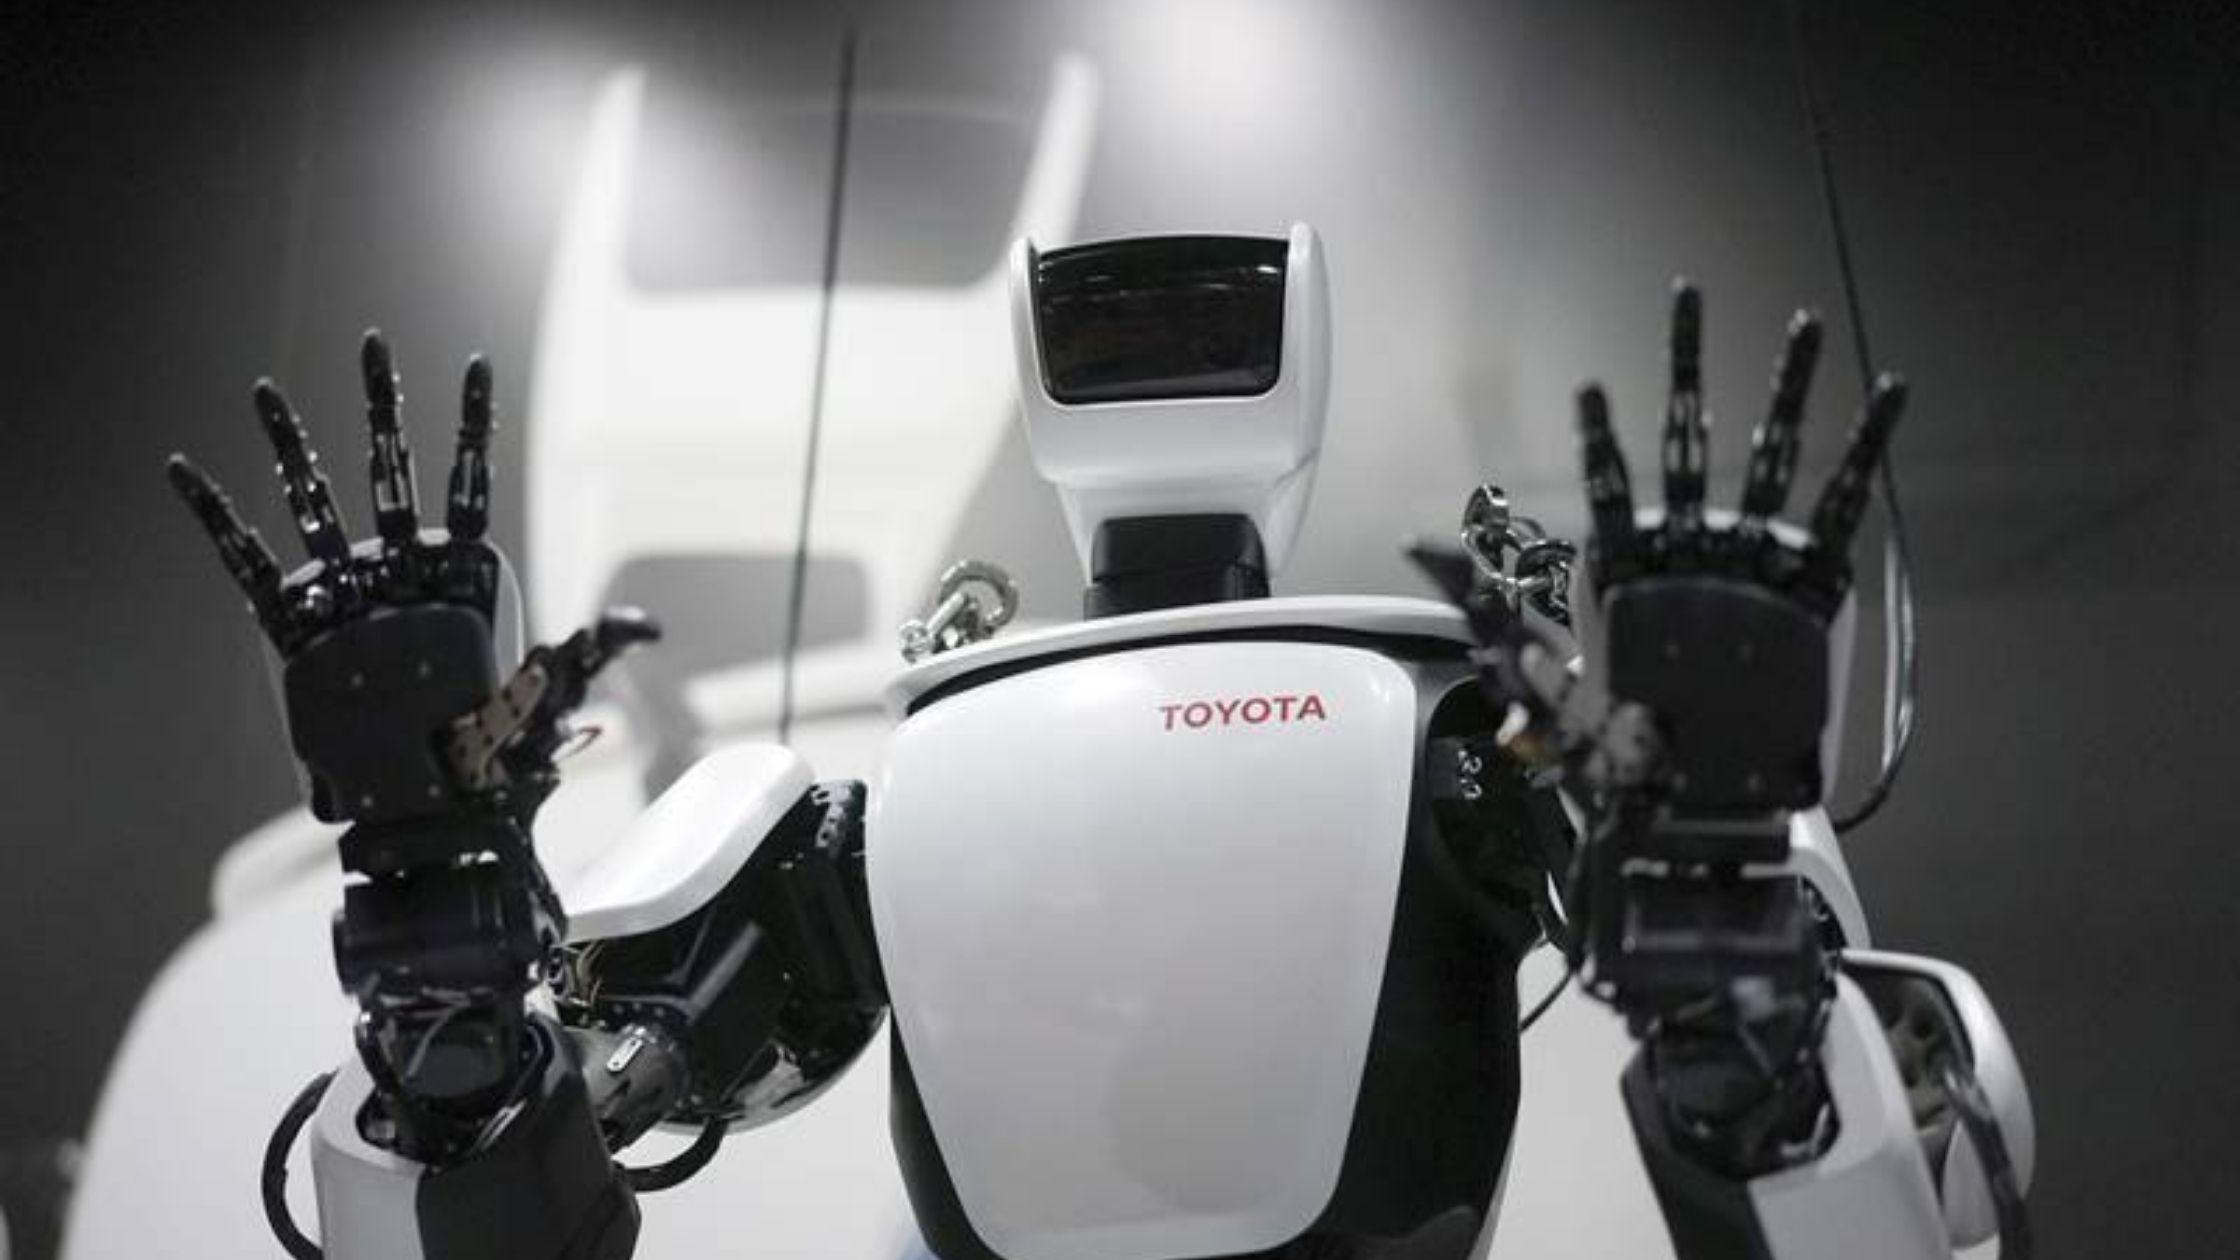 Cos'è la Robotica? Definizione e origine del termine